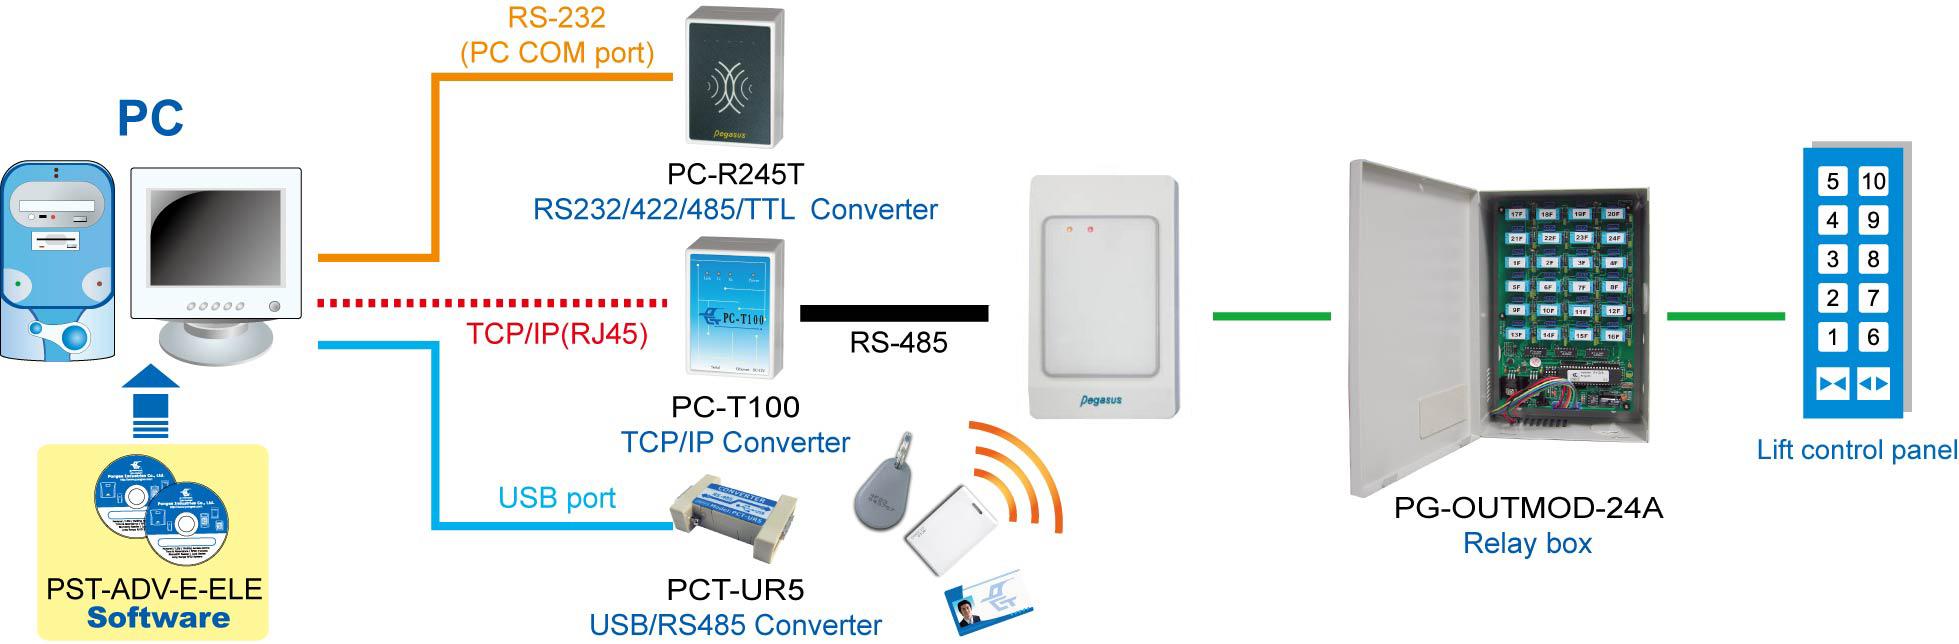 giải pháp quản lý phân tầng thang máy dùng thẻ